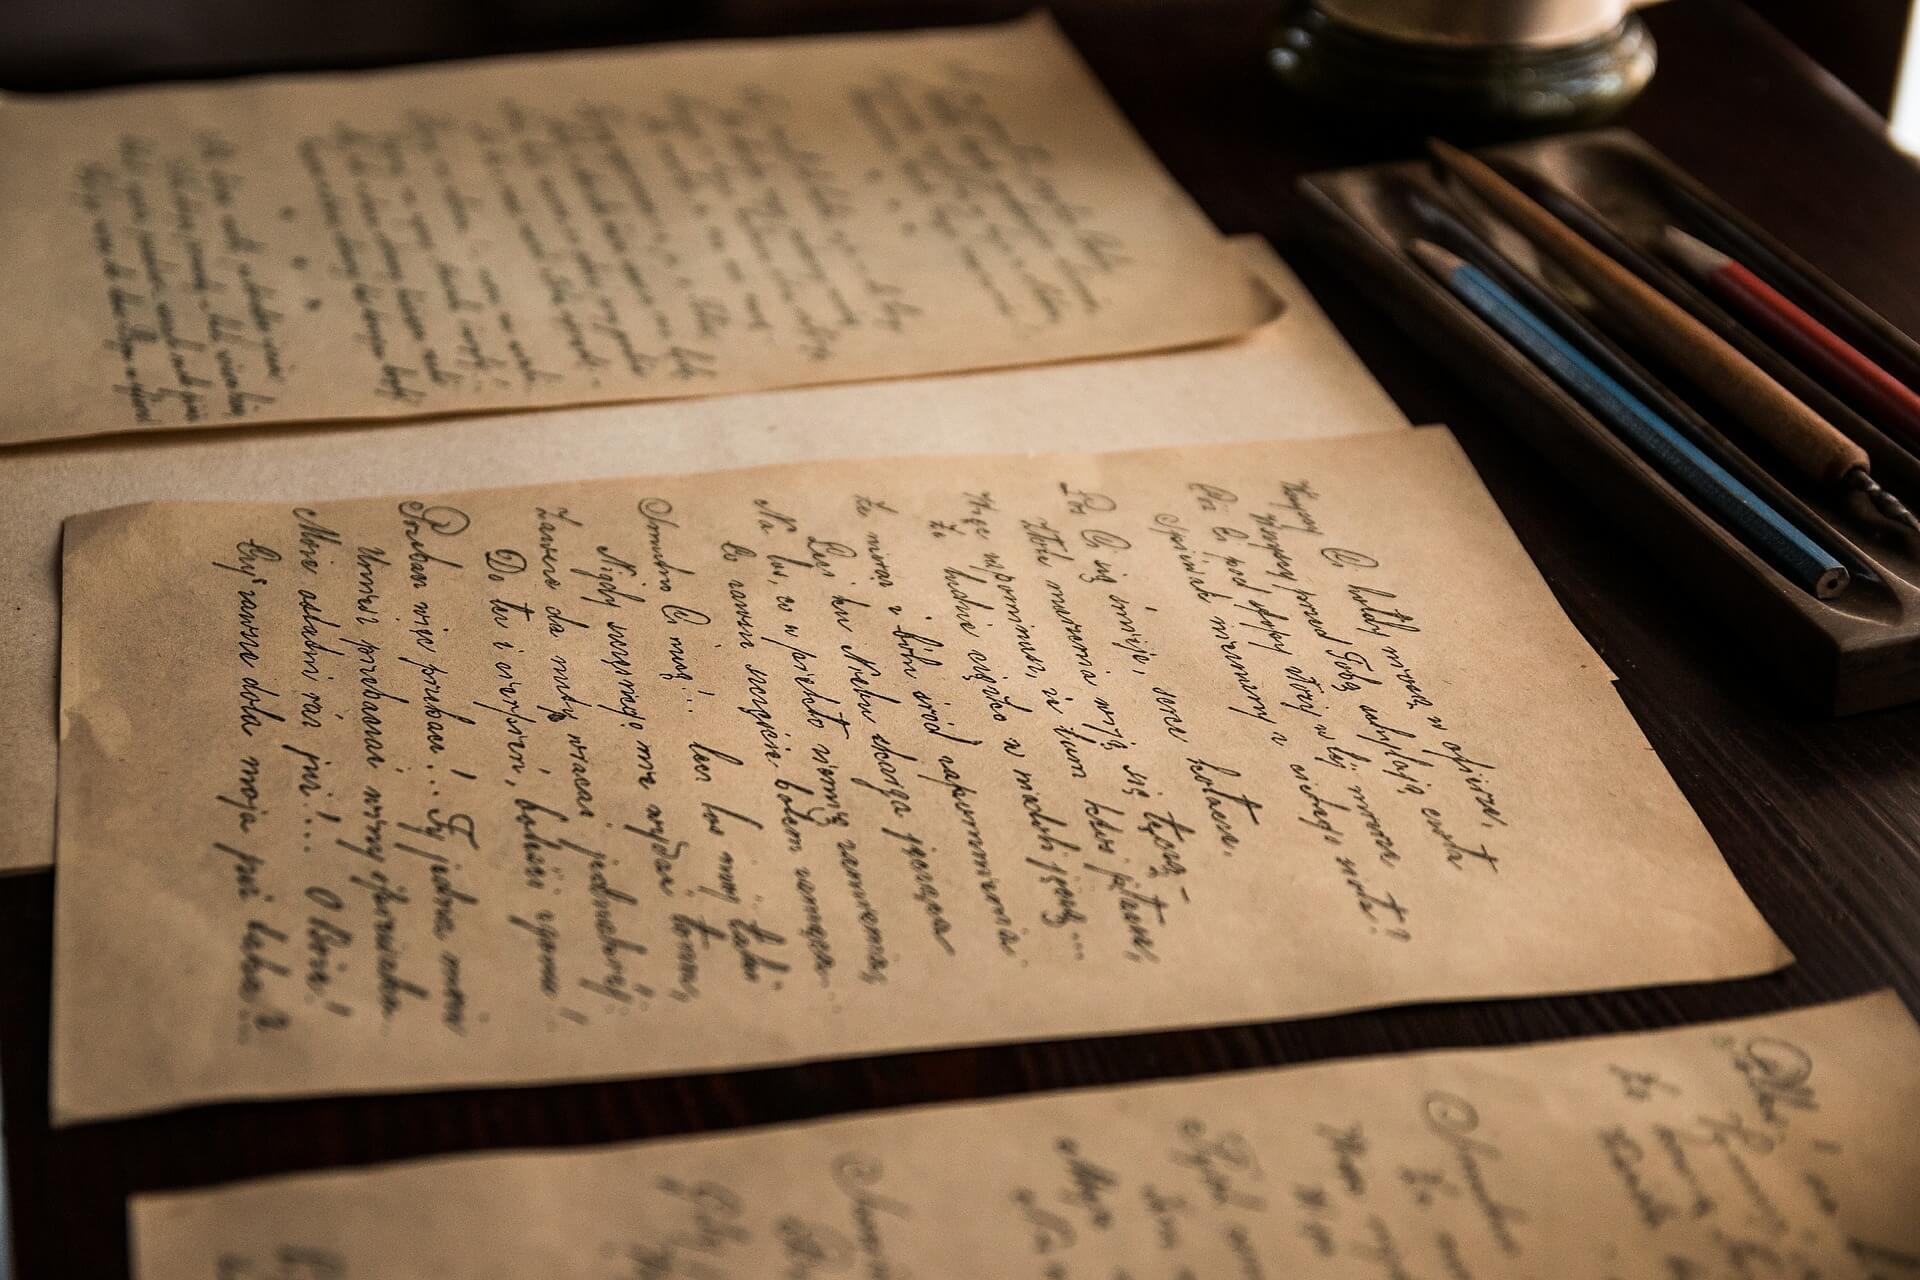 エリザベス・ボイル『まだ見ぬ公爵からの求婚』を読んだ感想